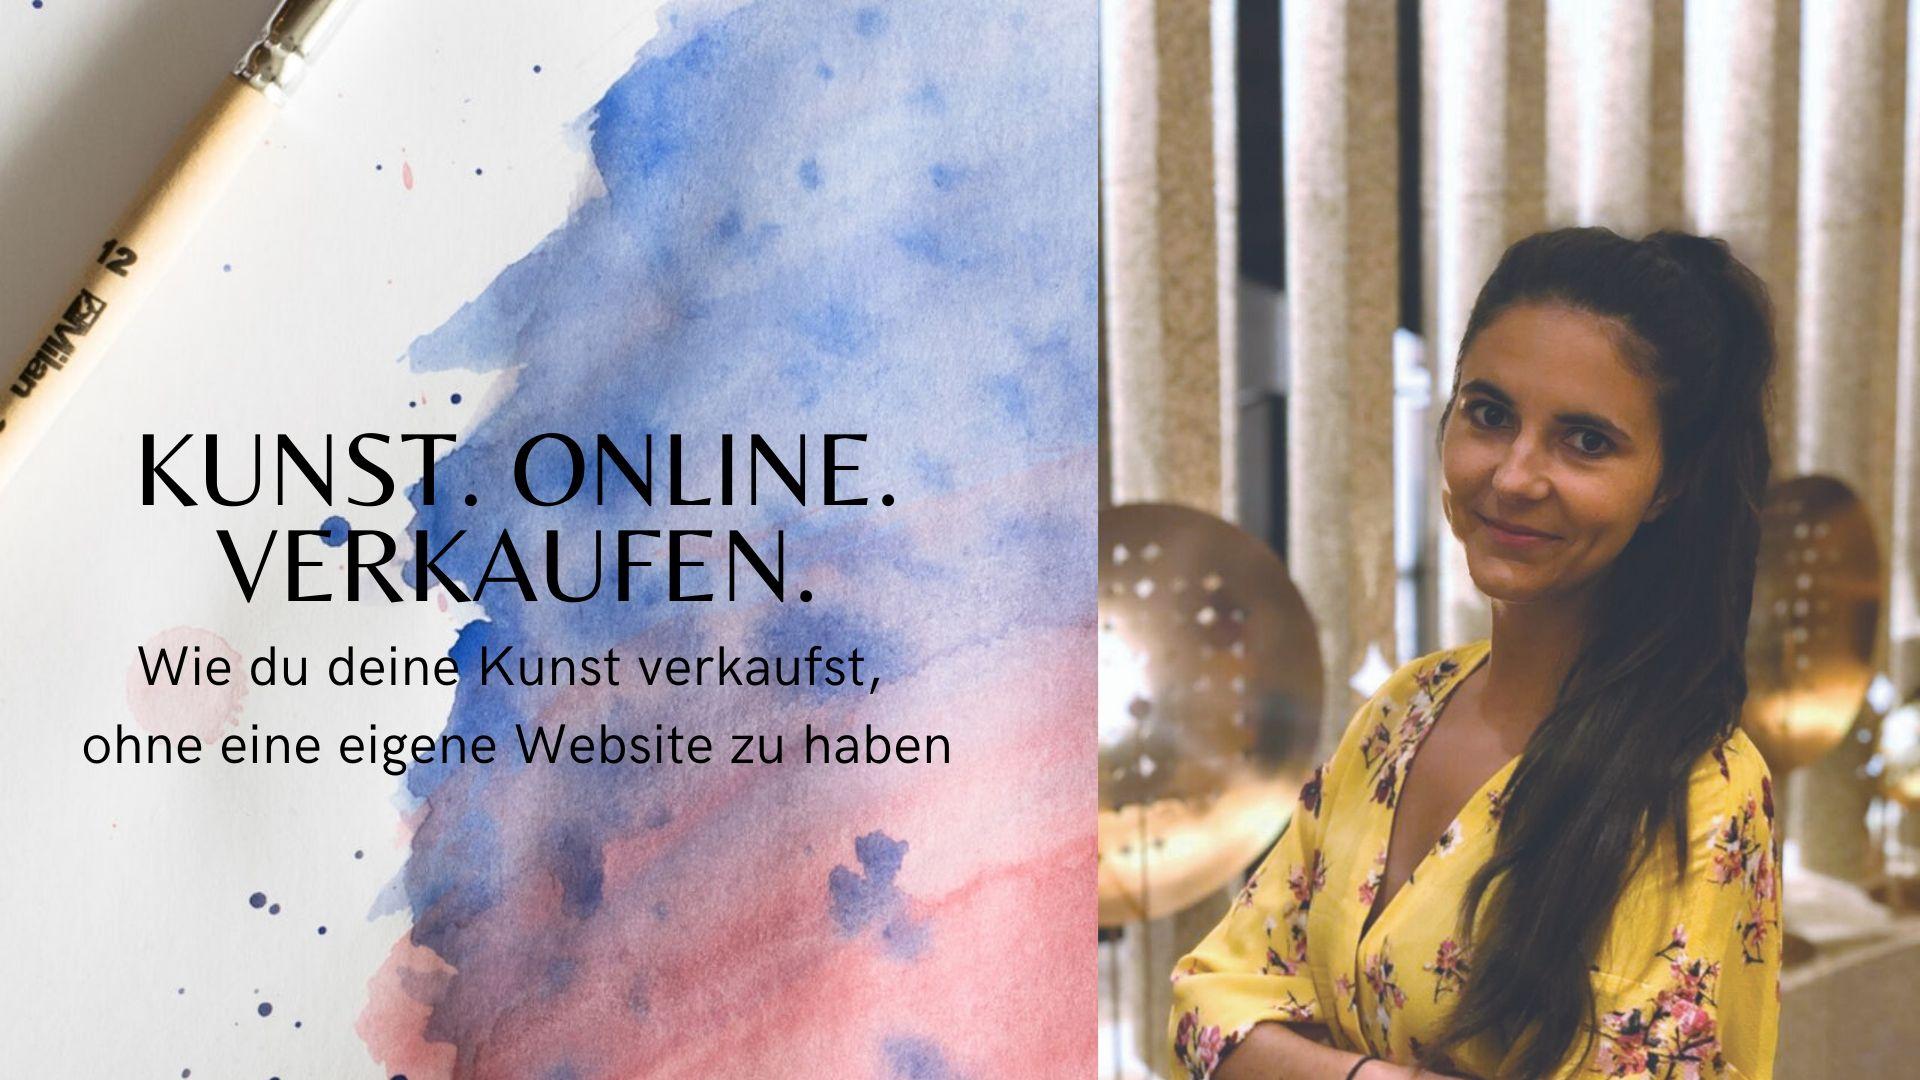 Booklet: Kunst verkaufen, ohne eigene Website